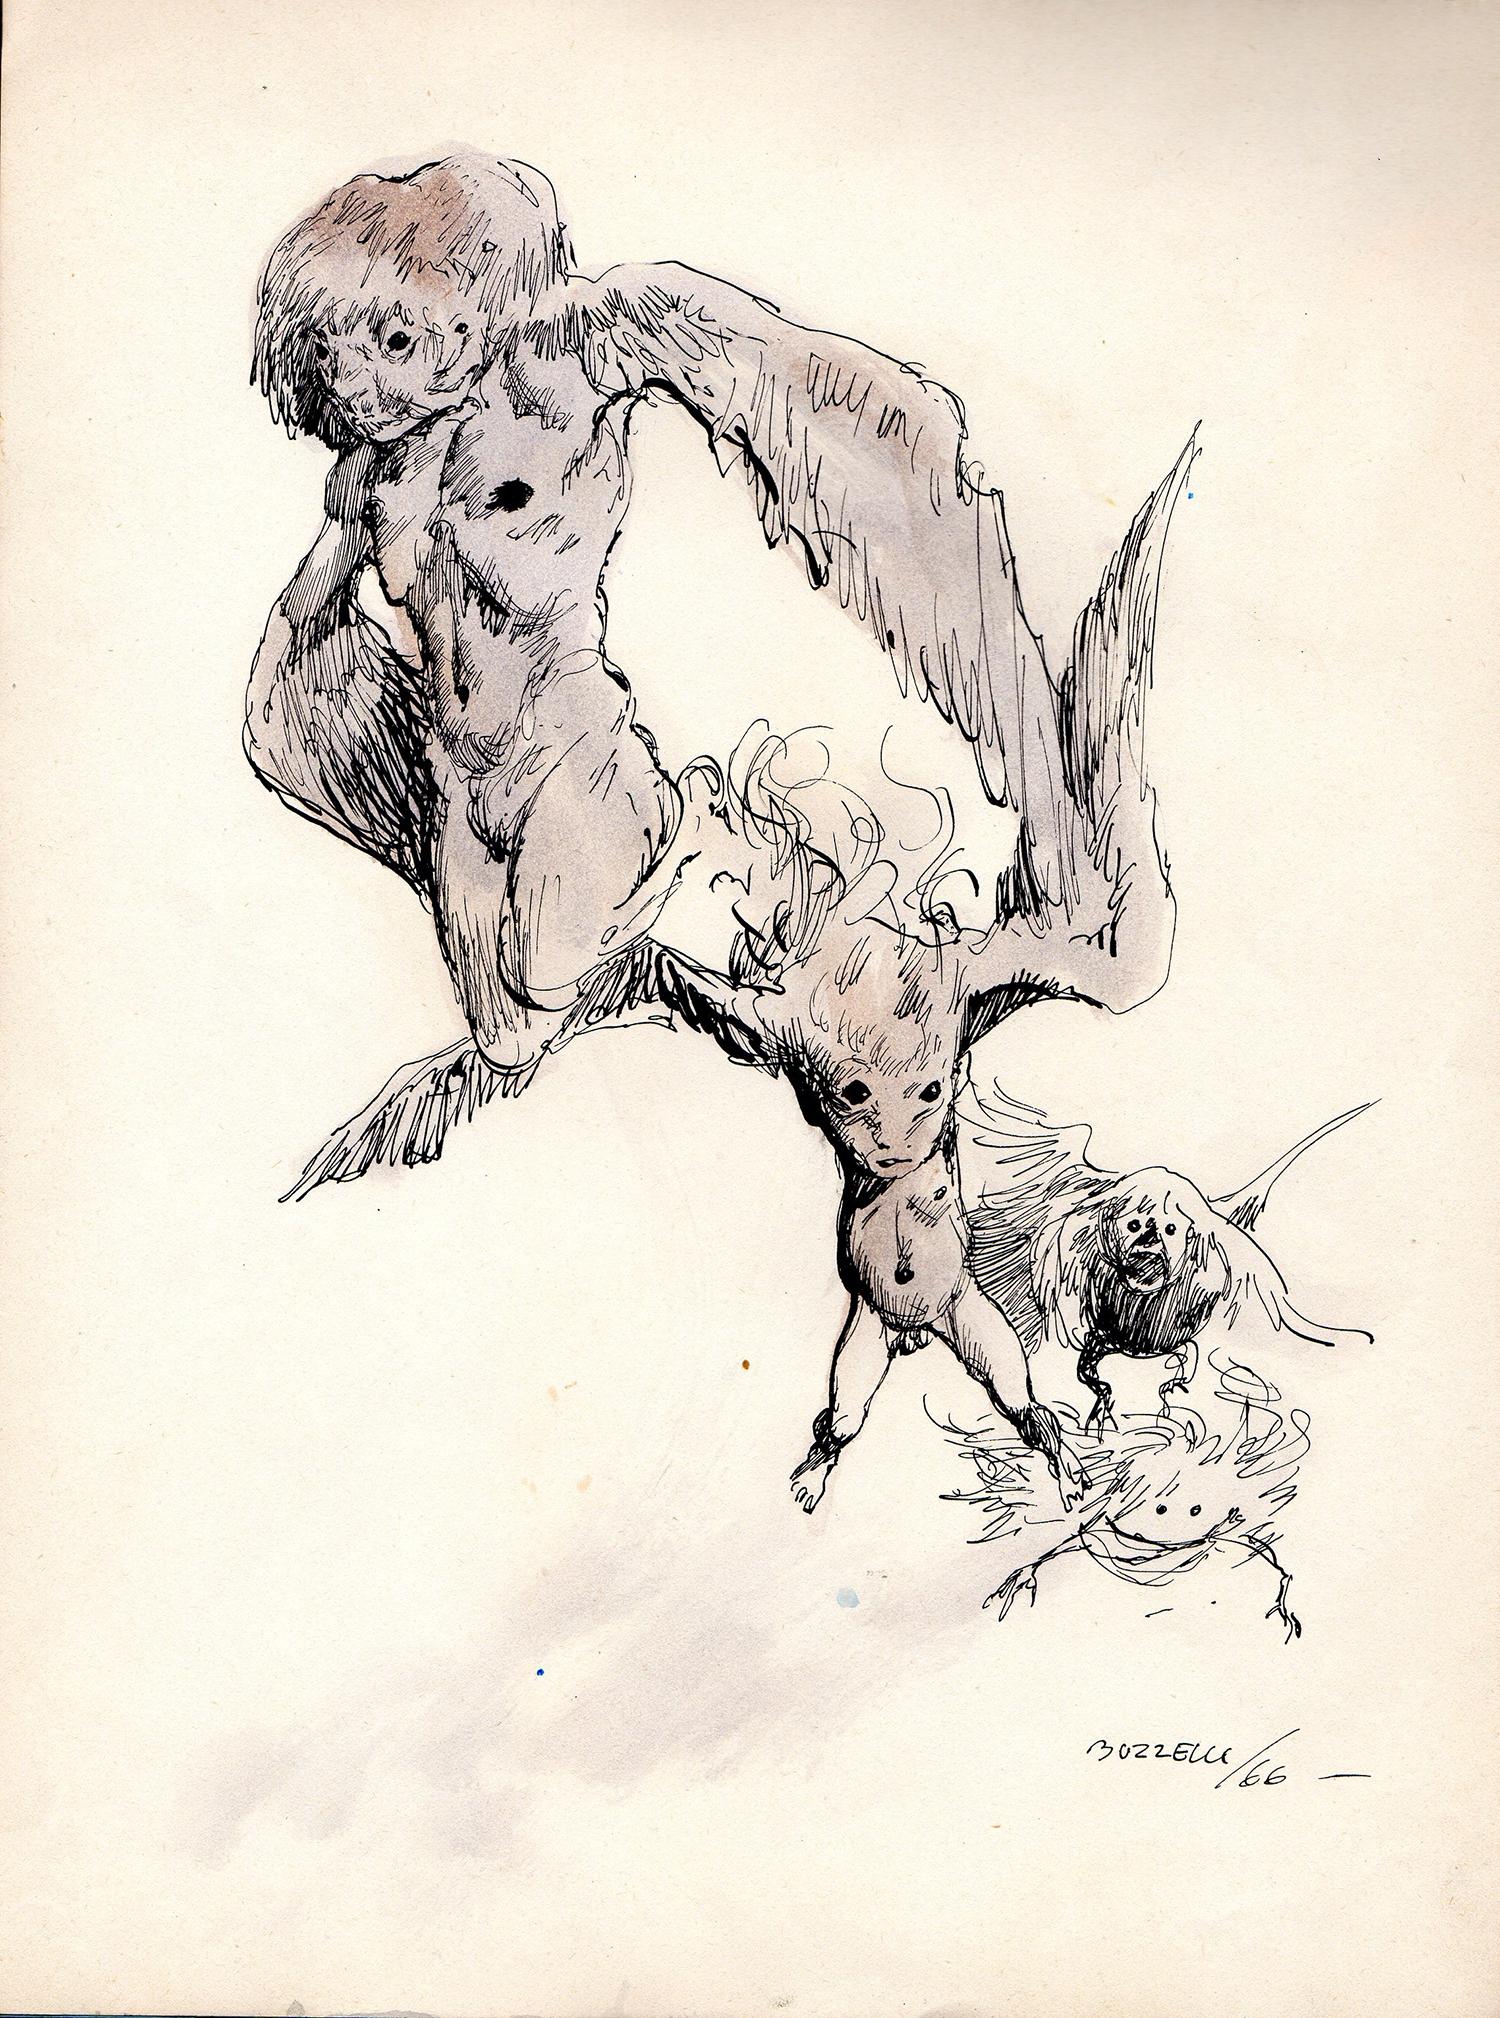 Guido Buzzeli | Trois figures | Guido Buzzelli